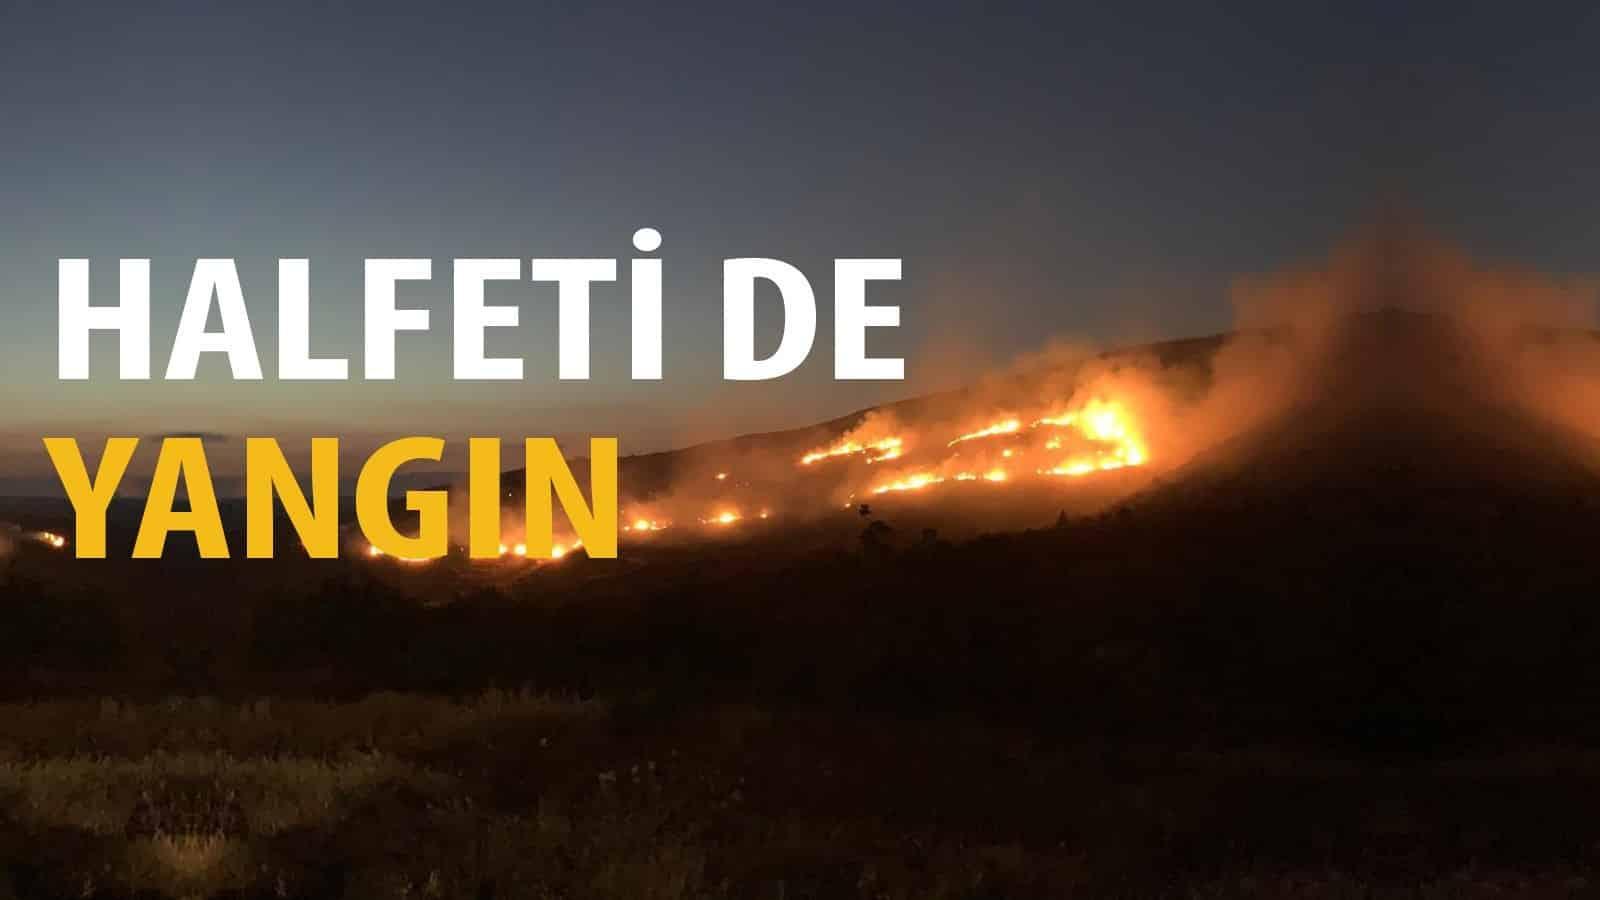 Halfeti ilçesinde yangın Urfa Haber